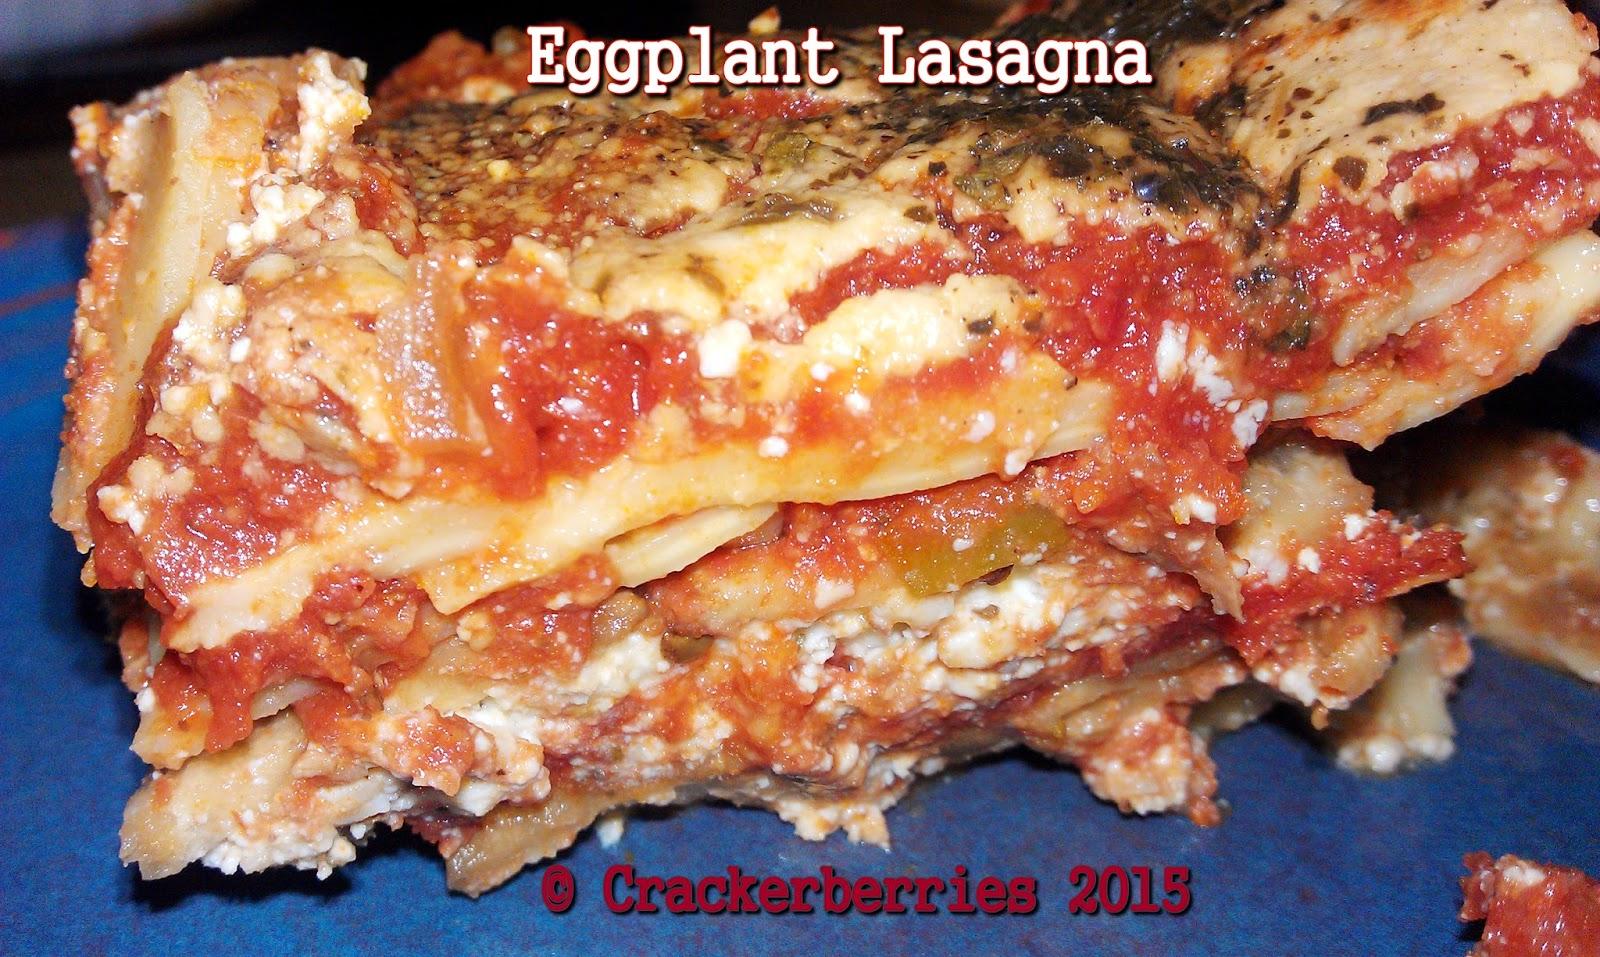 CRACKERBERRIES: Eggplant Lasagna